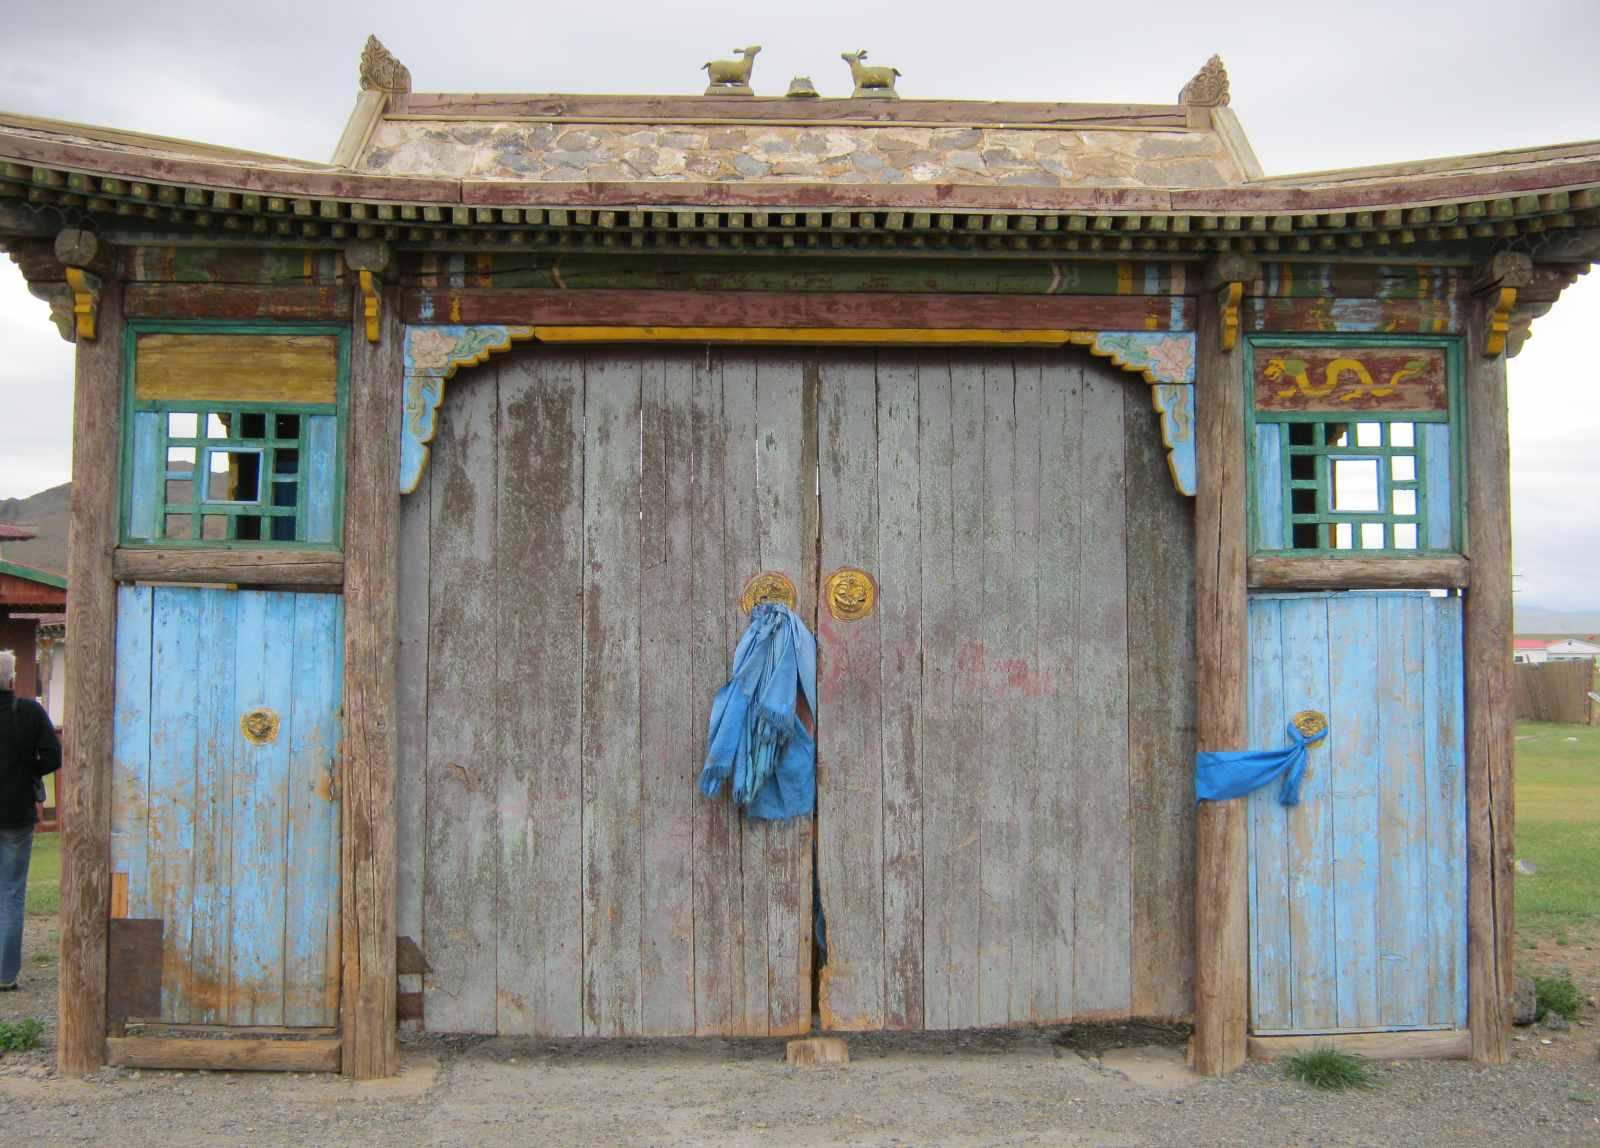 Buddhistische Klöster finden sich im ganzen Land, auch wenn viele von ihnen während der Kulturrevolution in den 1930er Jahren zerstört worden sind